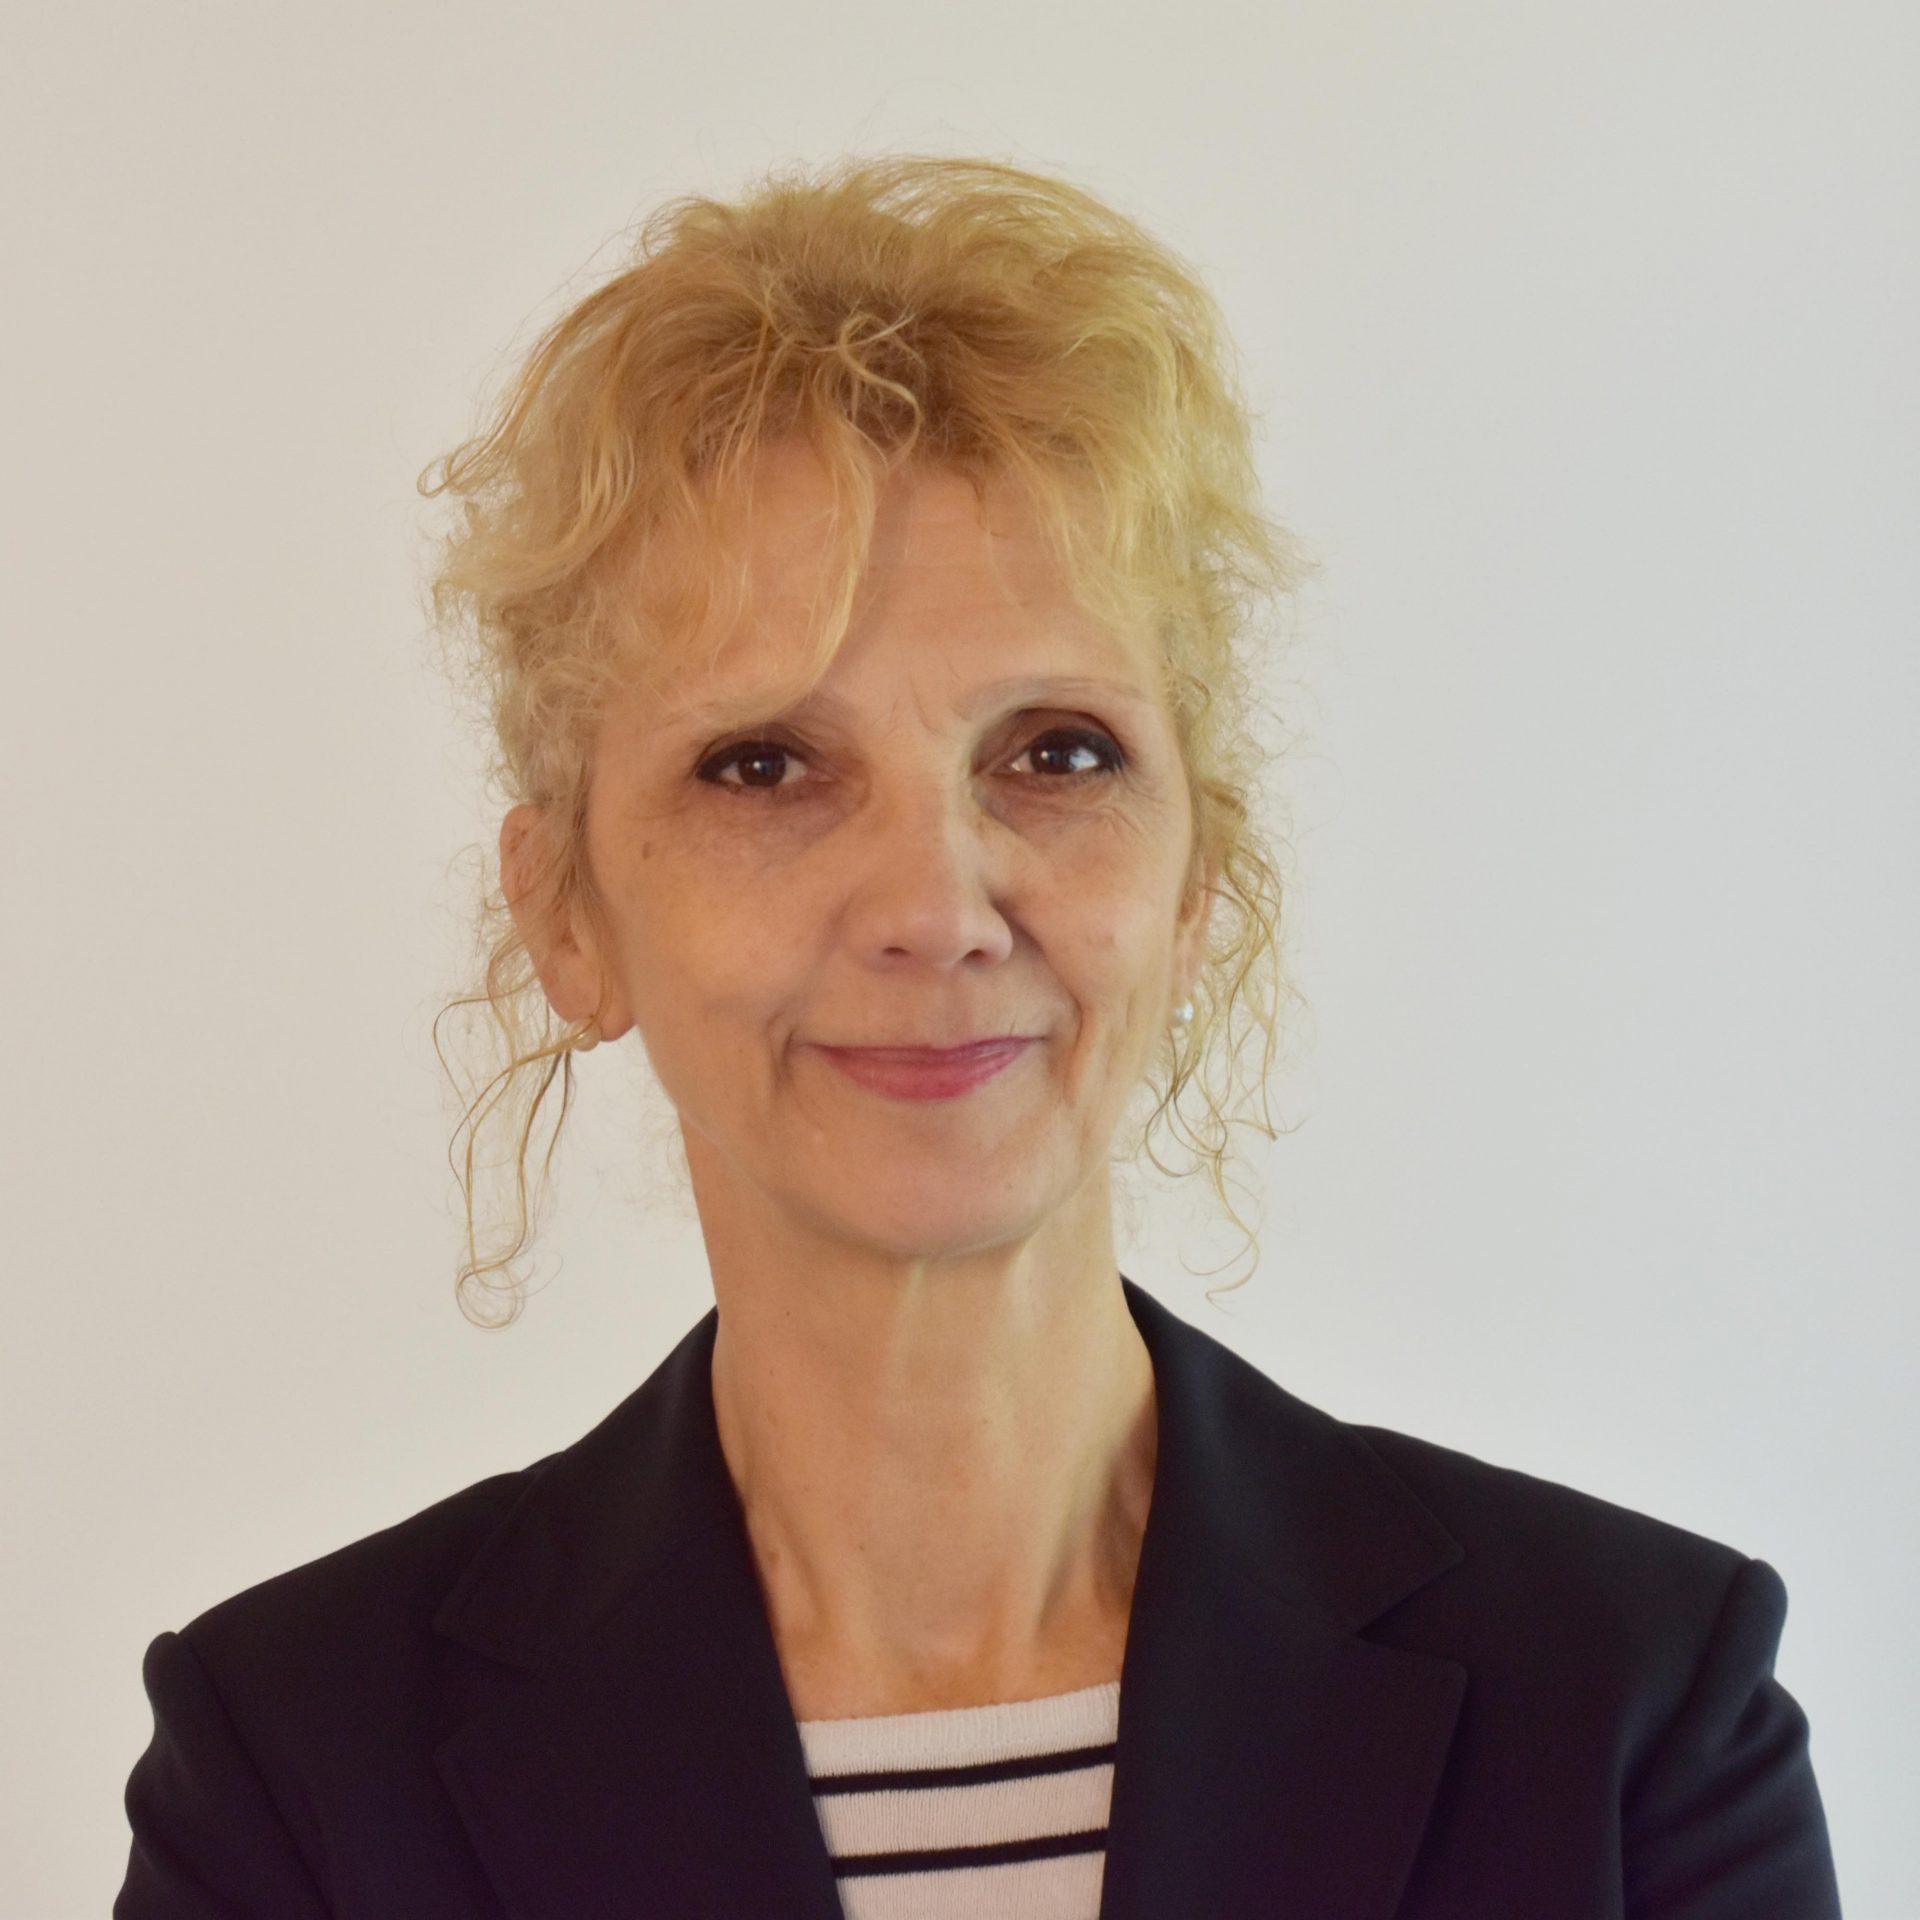 Ingrid Britz-Averkamp